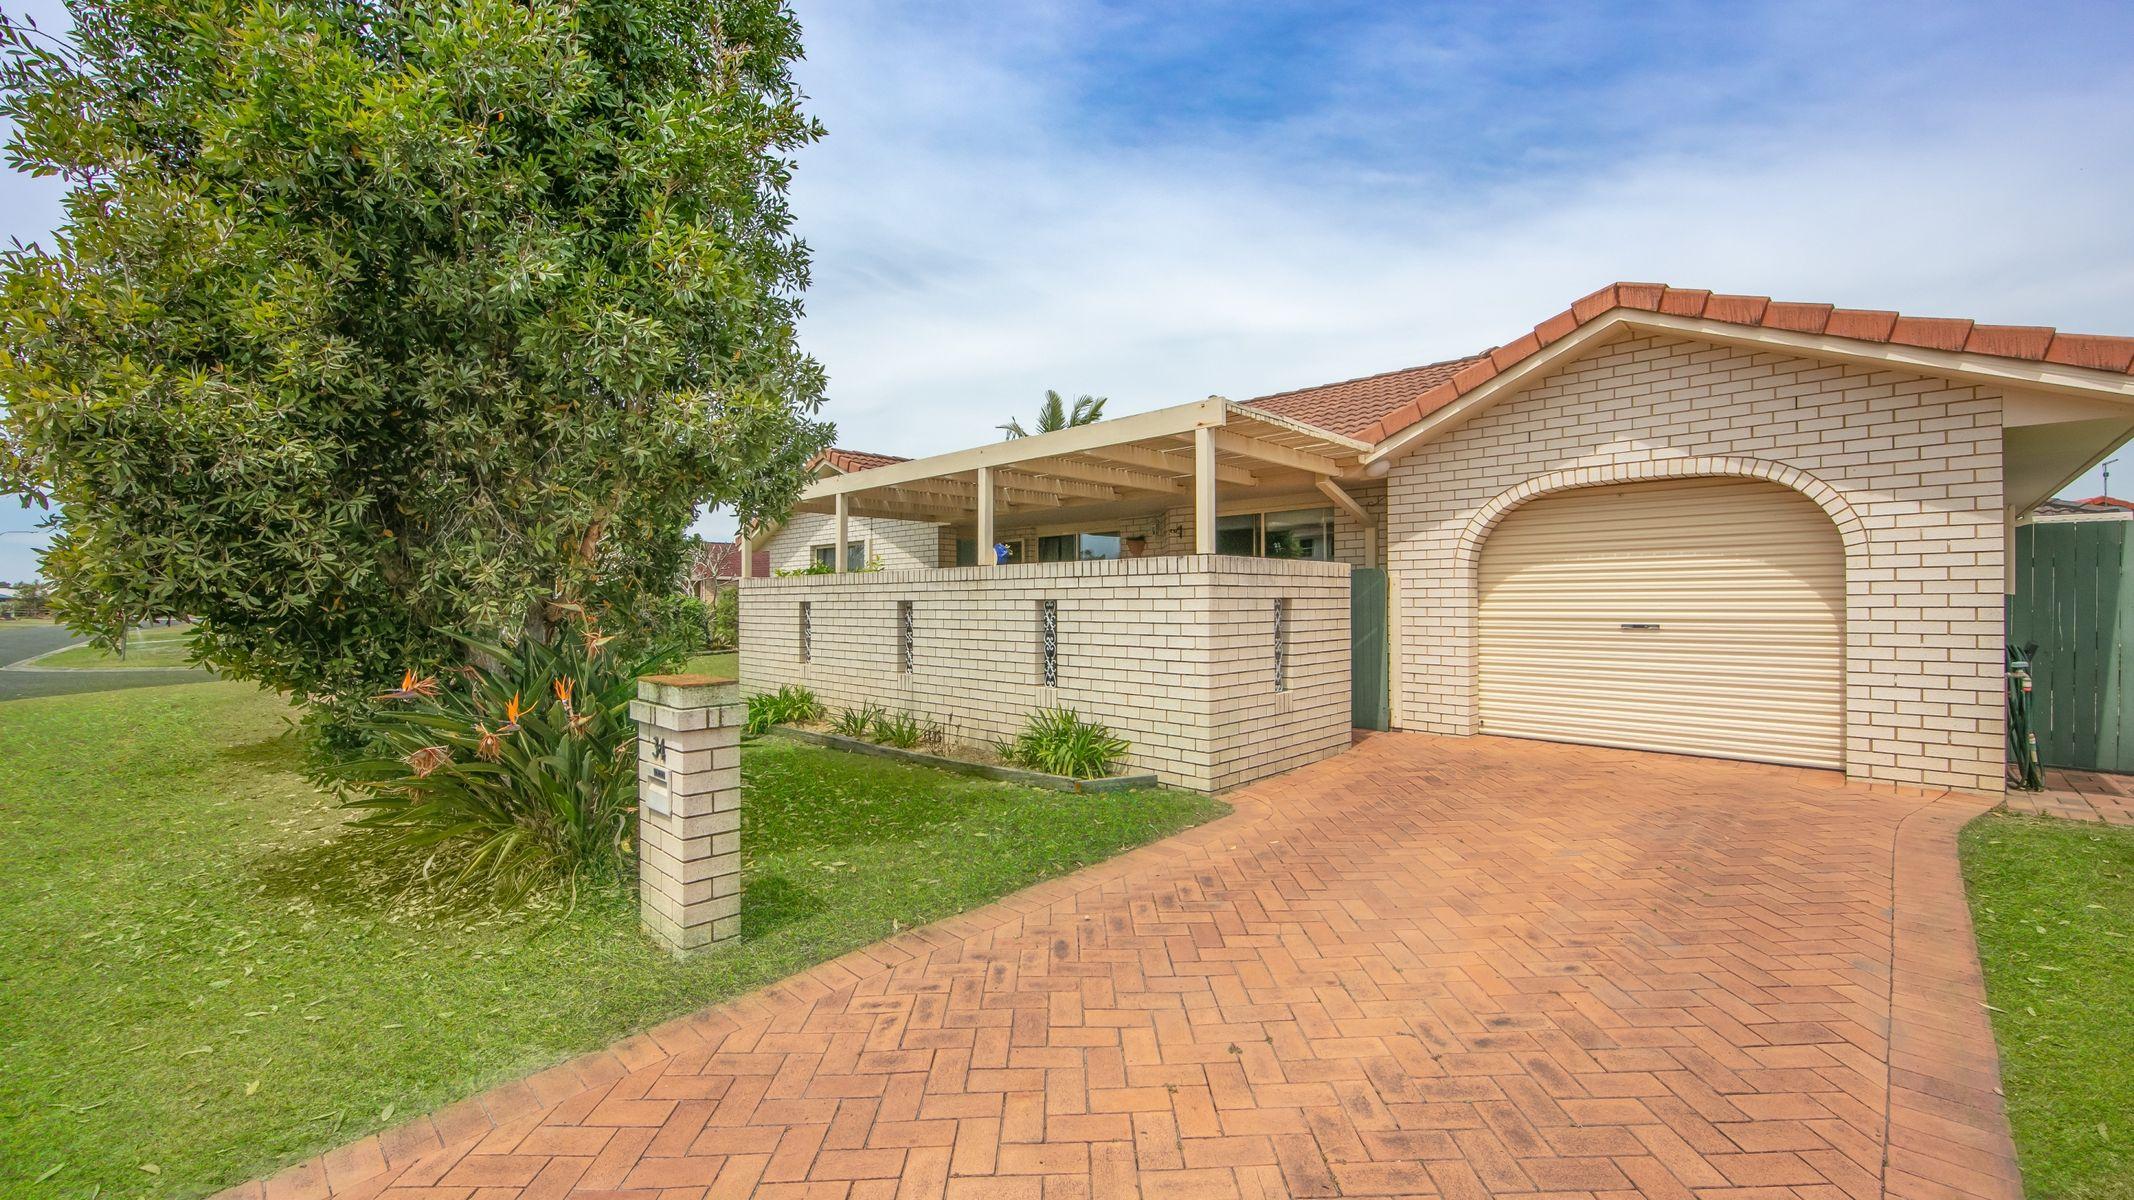 34 Osprey Drive, Yamba, NSW 2464